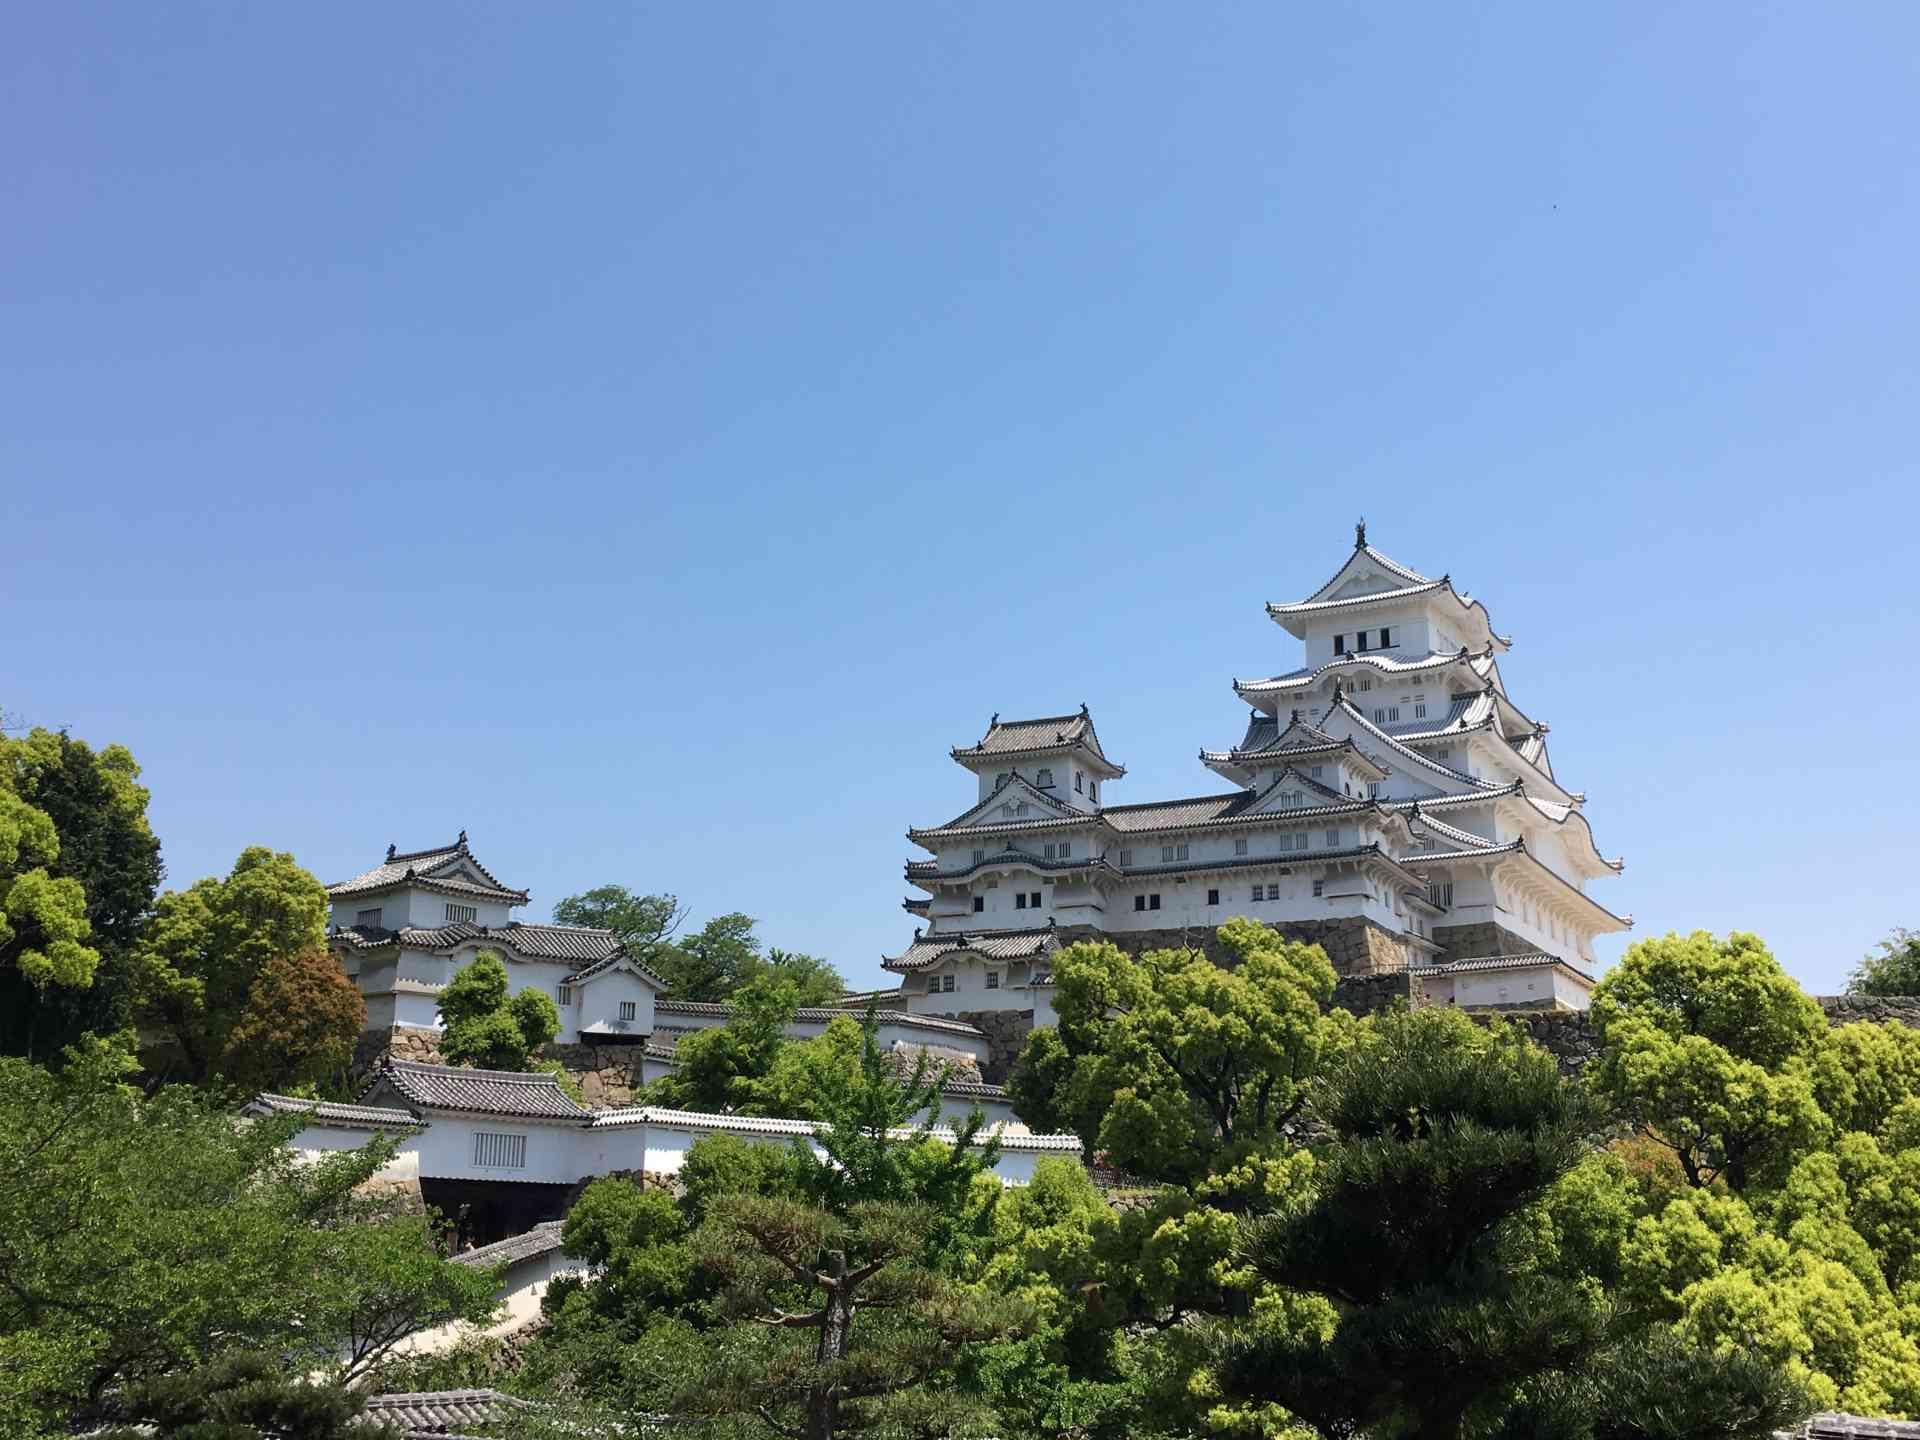 Himeji Castle, Japan by Abbie Bell